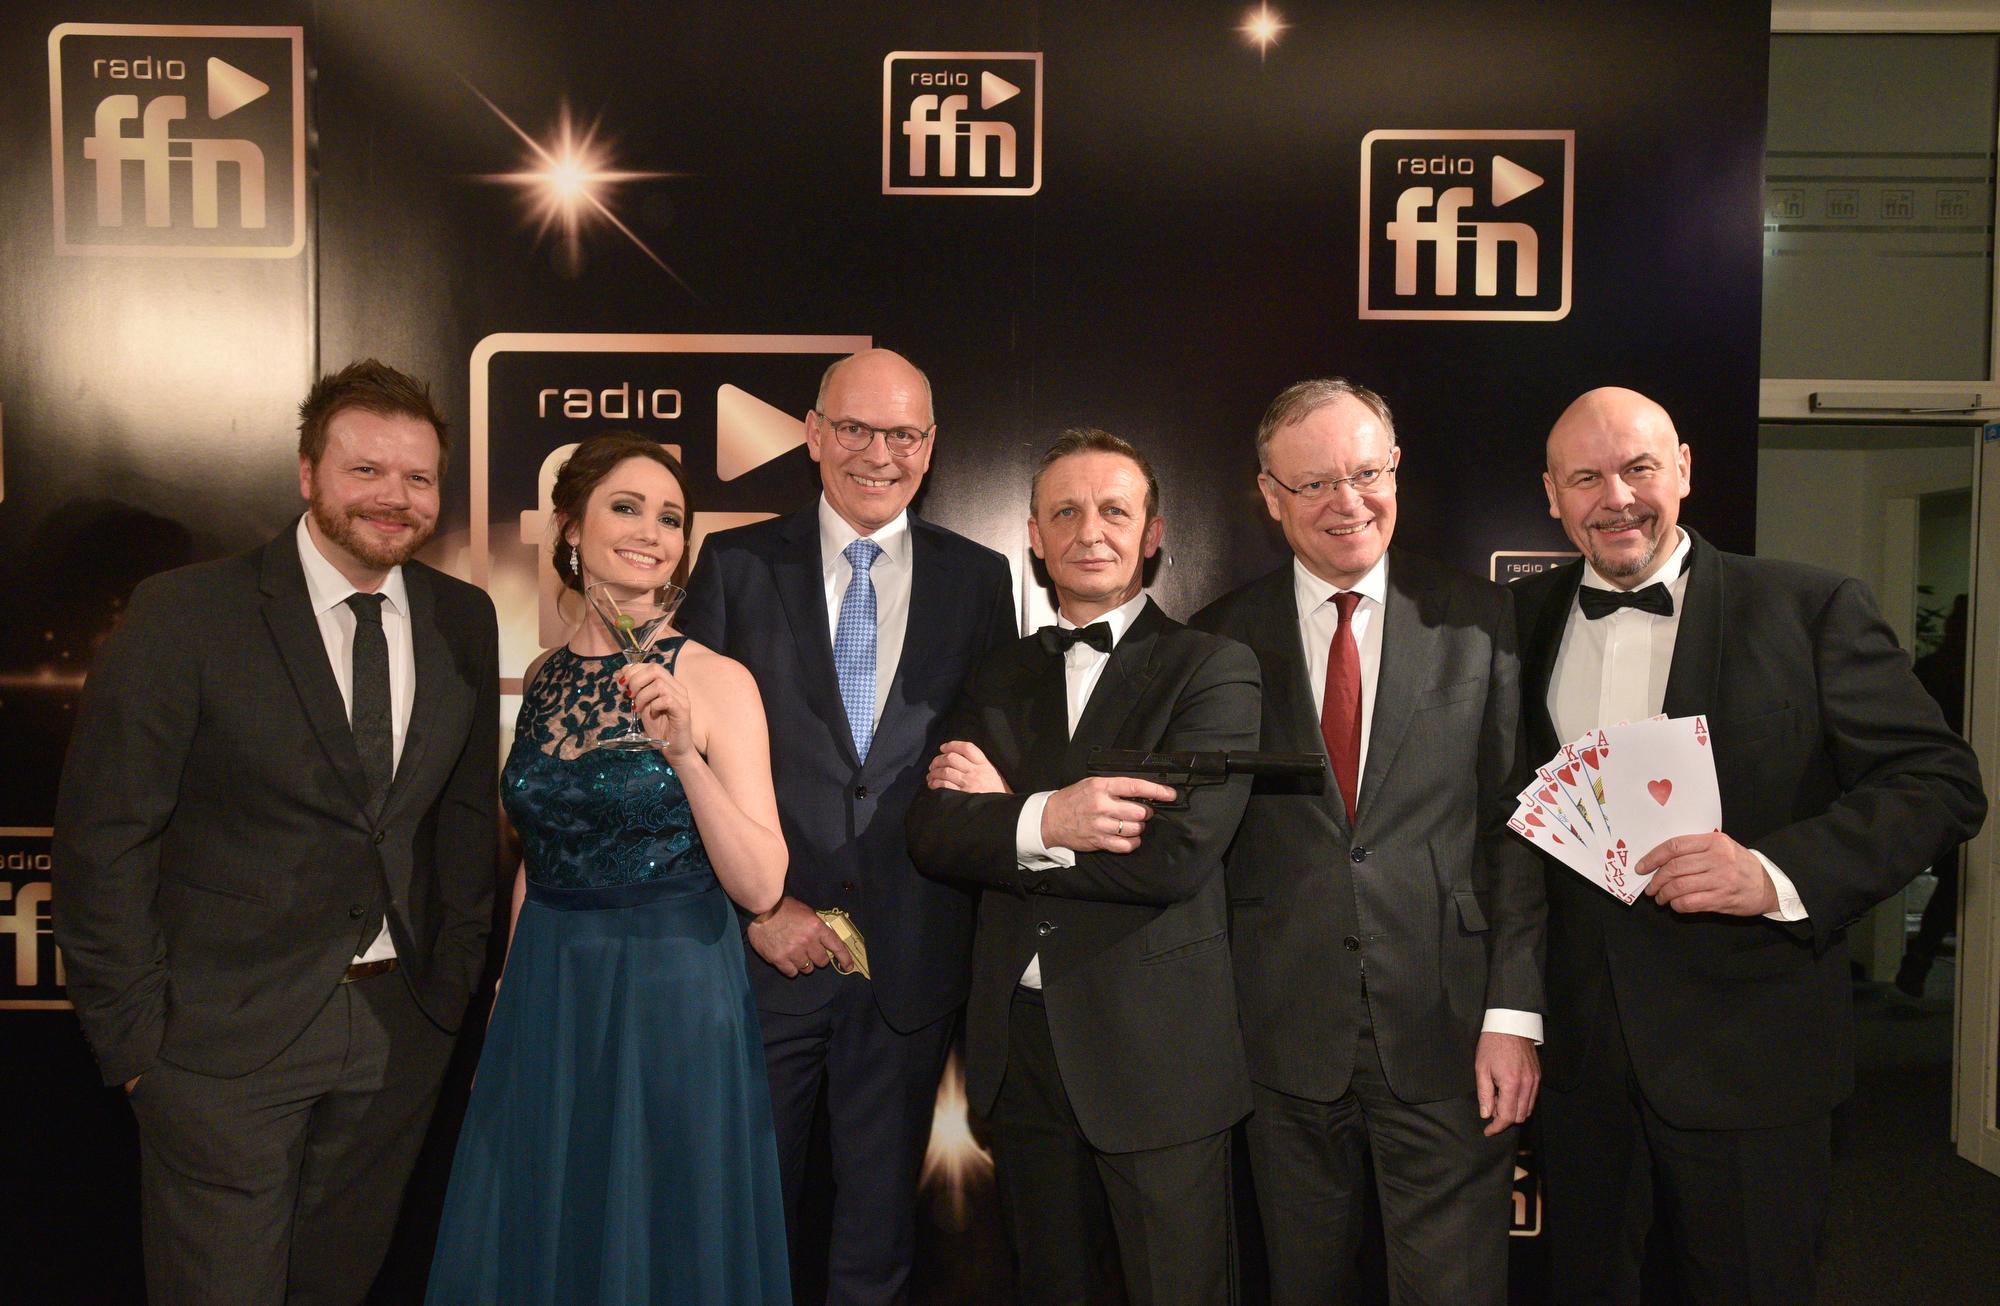 Jens Küffner, ffn Programmdirektor; Dany Füg, ffn-Moderatorin; Harald Gehrung ffn-Geschäftsführer; James Bond; Stephan Weil, Nds. Ministerpräsident; ffn Morgenmän Franky (Bild: ©ARP/SCHEFFE)